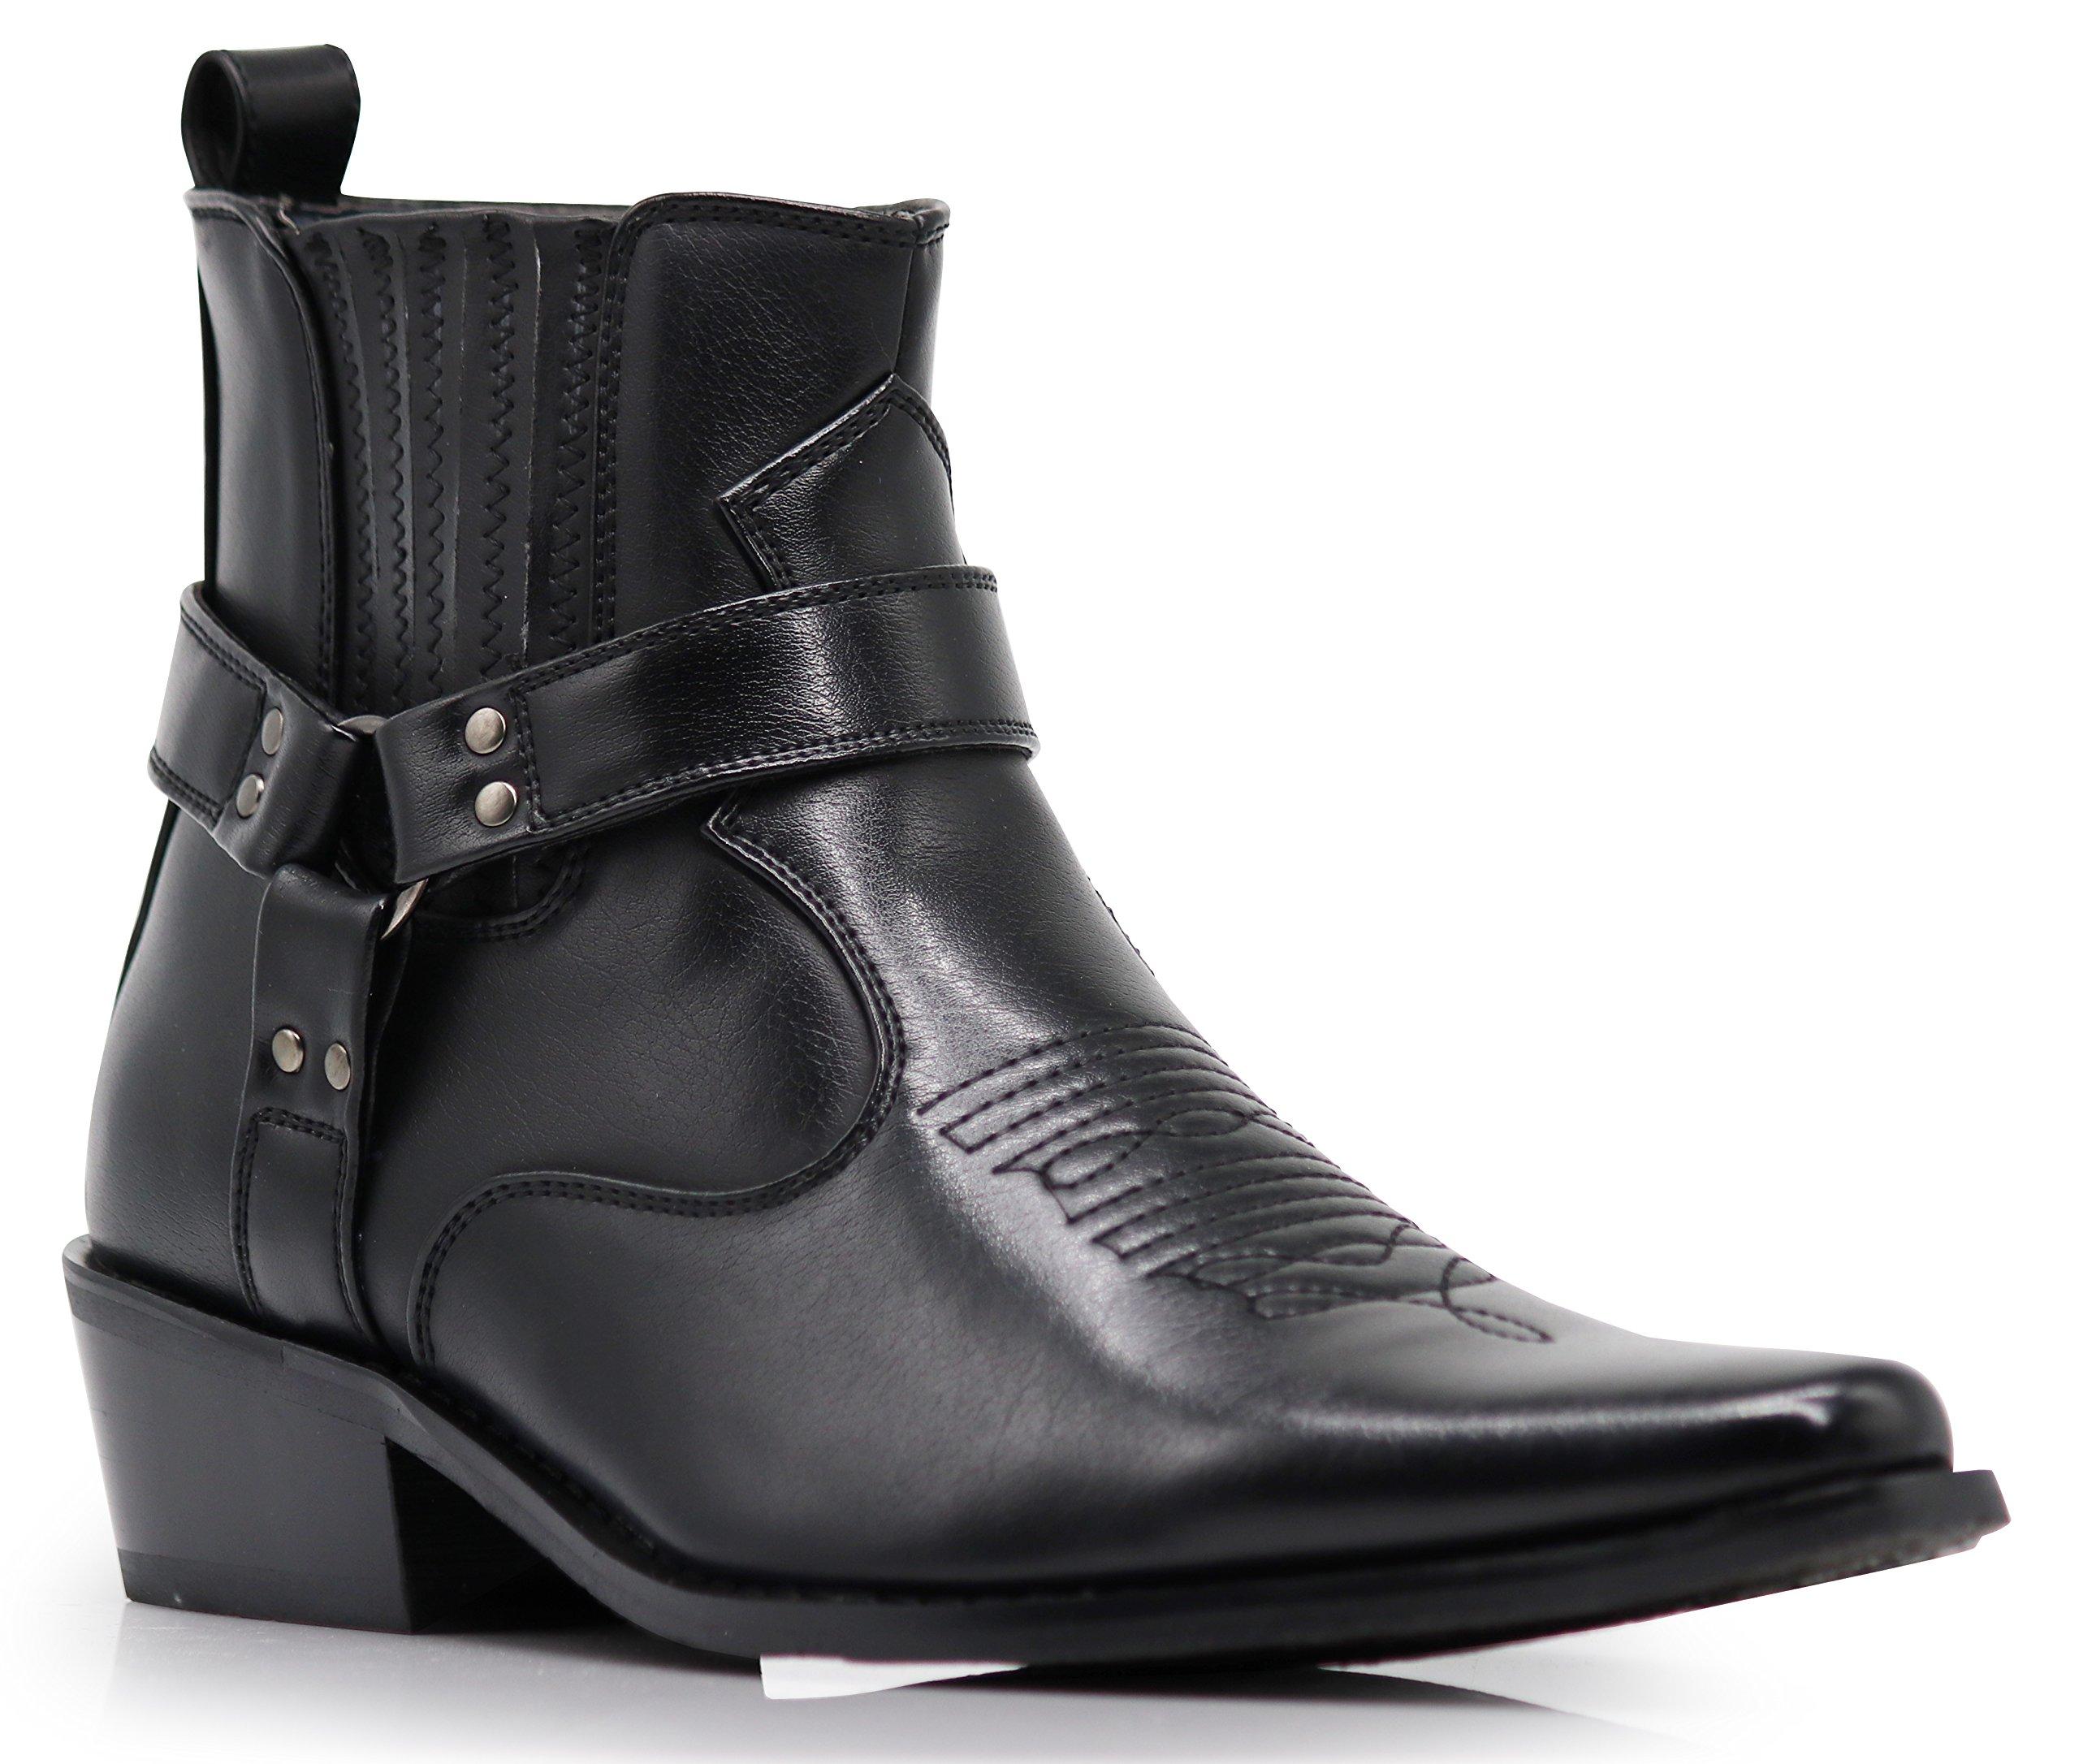 Alberto Fellini Men's Western Boots (West01) (Black, 10) by Alberto Fellini